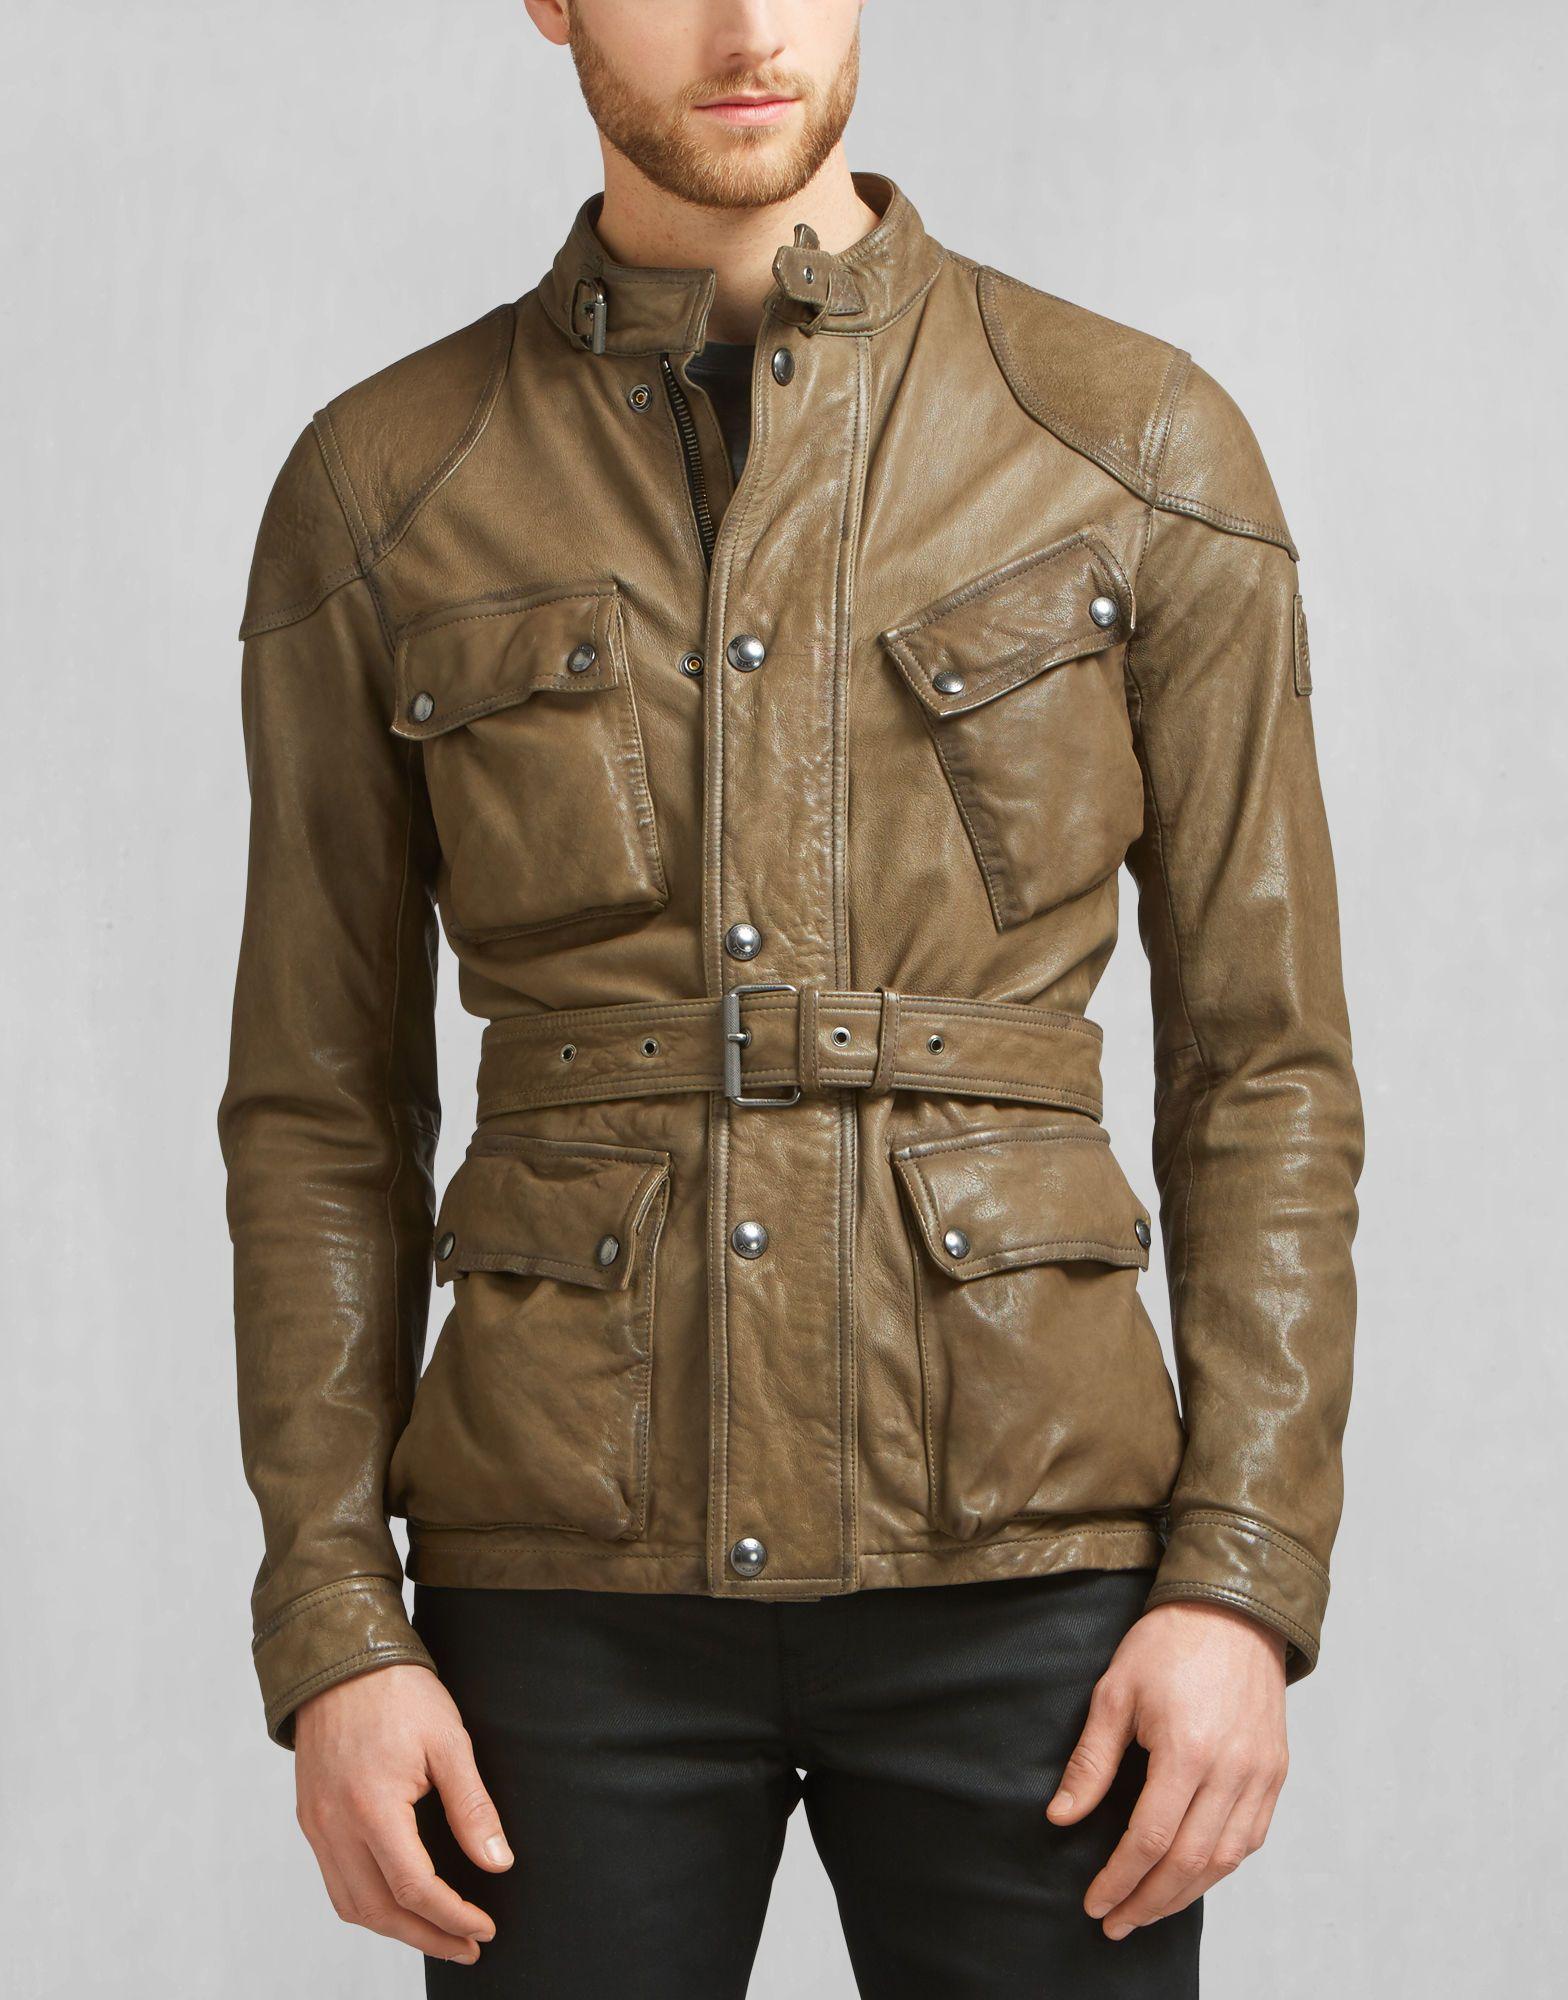 fdacc8a70c84 Belstaff Replica Leather Jackets twiceasnicetiara.co.uk